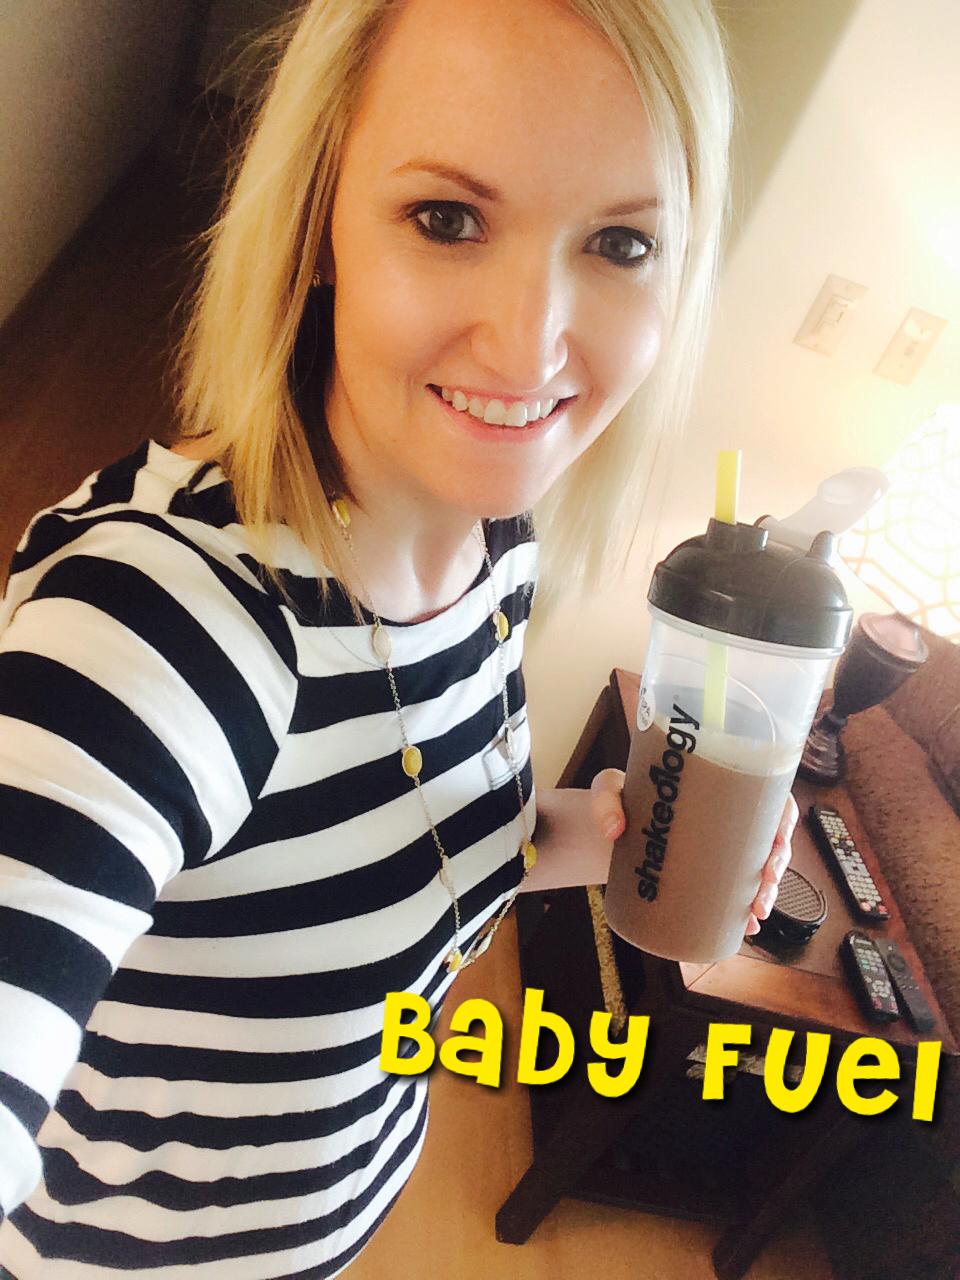 Kacie Deleon Shakeology While Pregnant